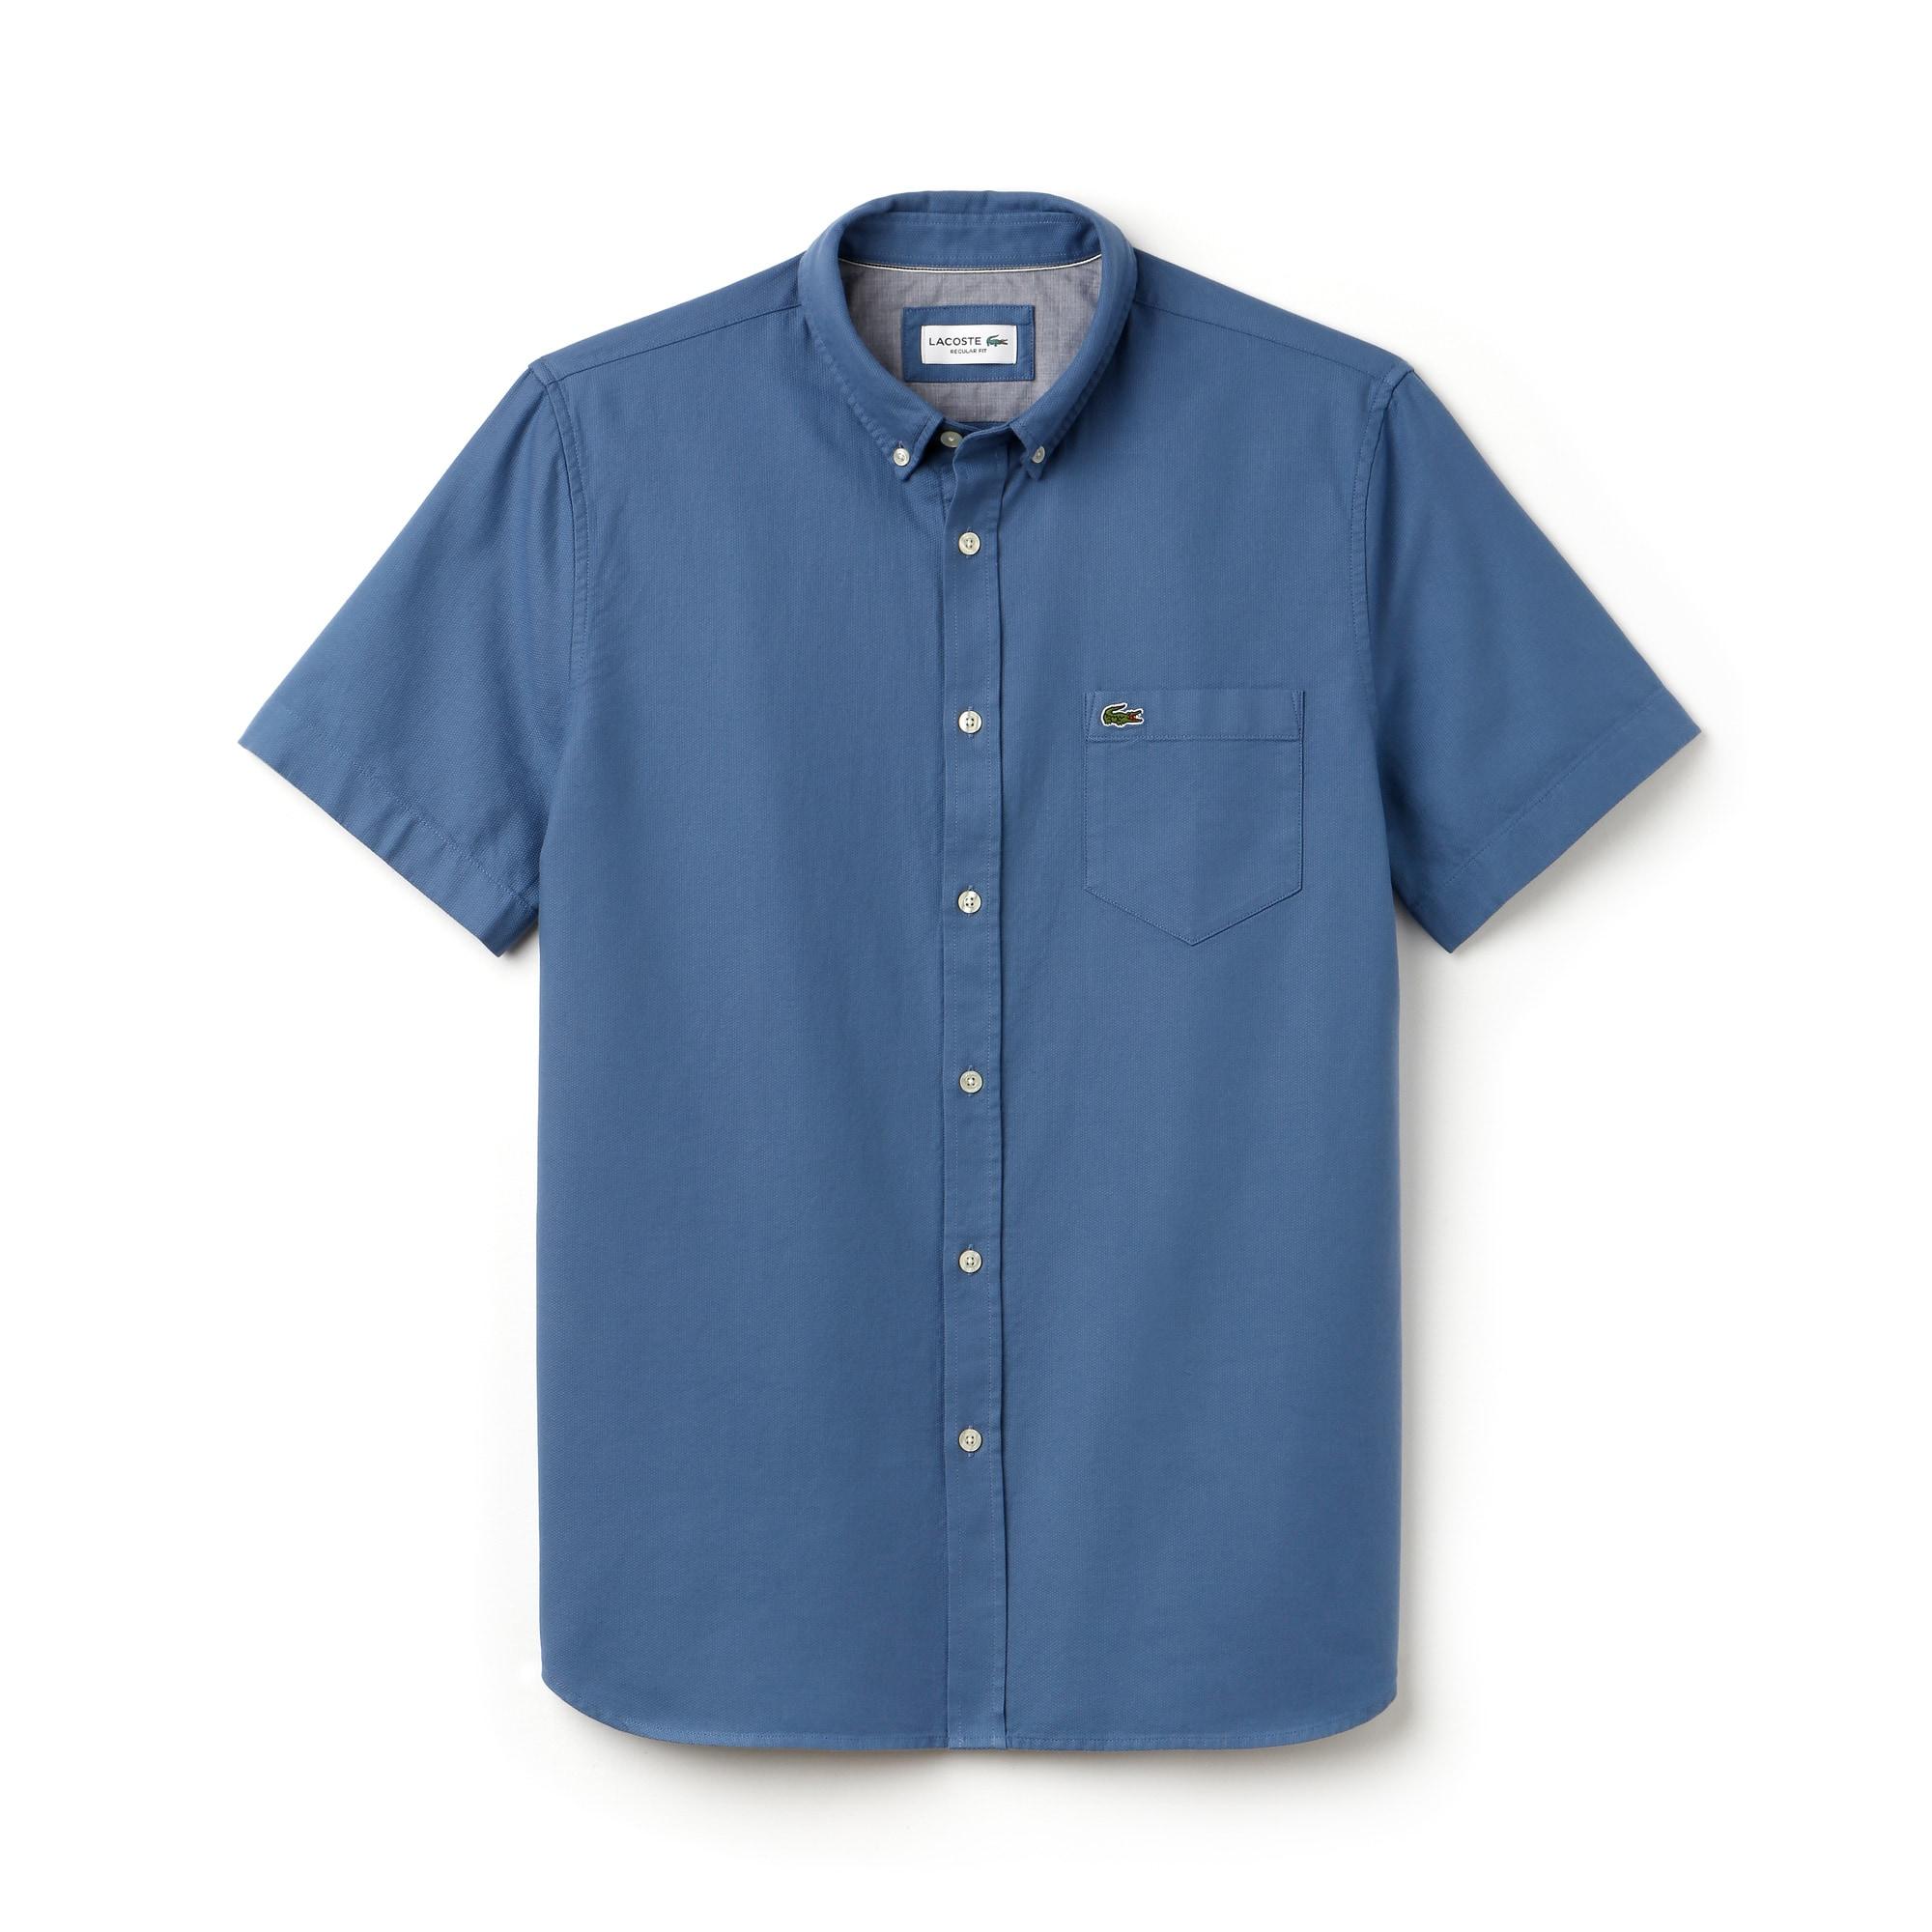 Camicia regular fit a maniche corte in piqué tinta unita